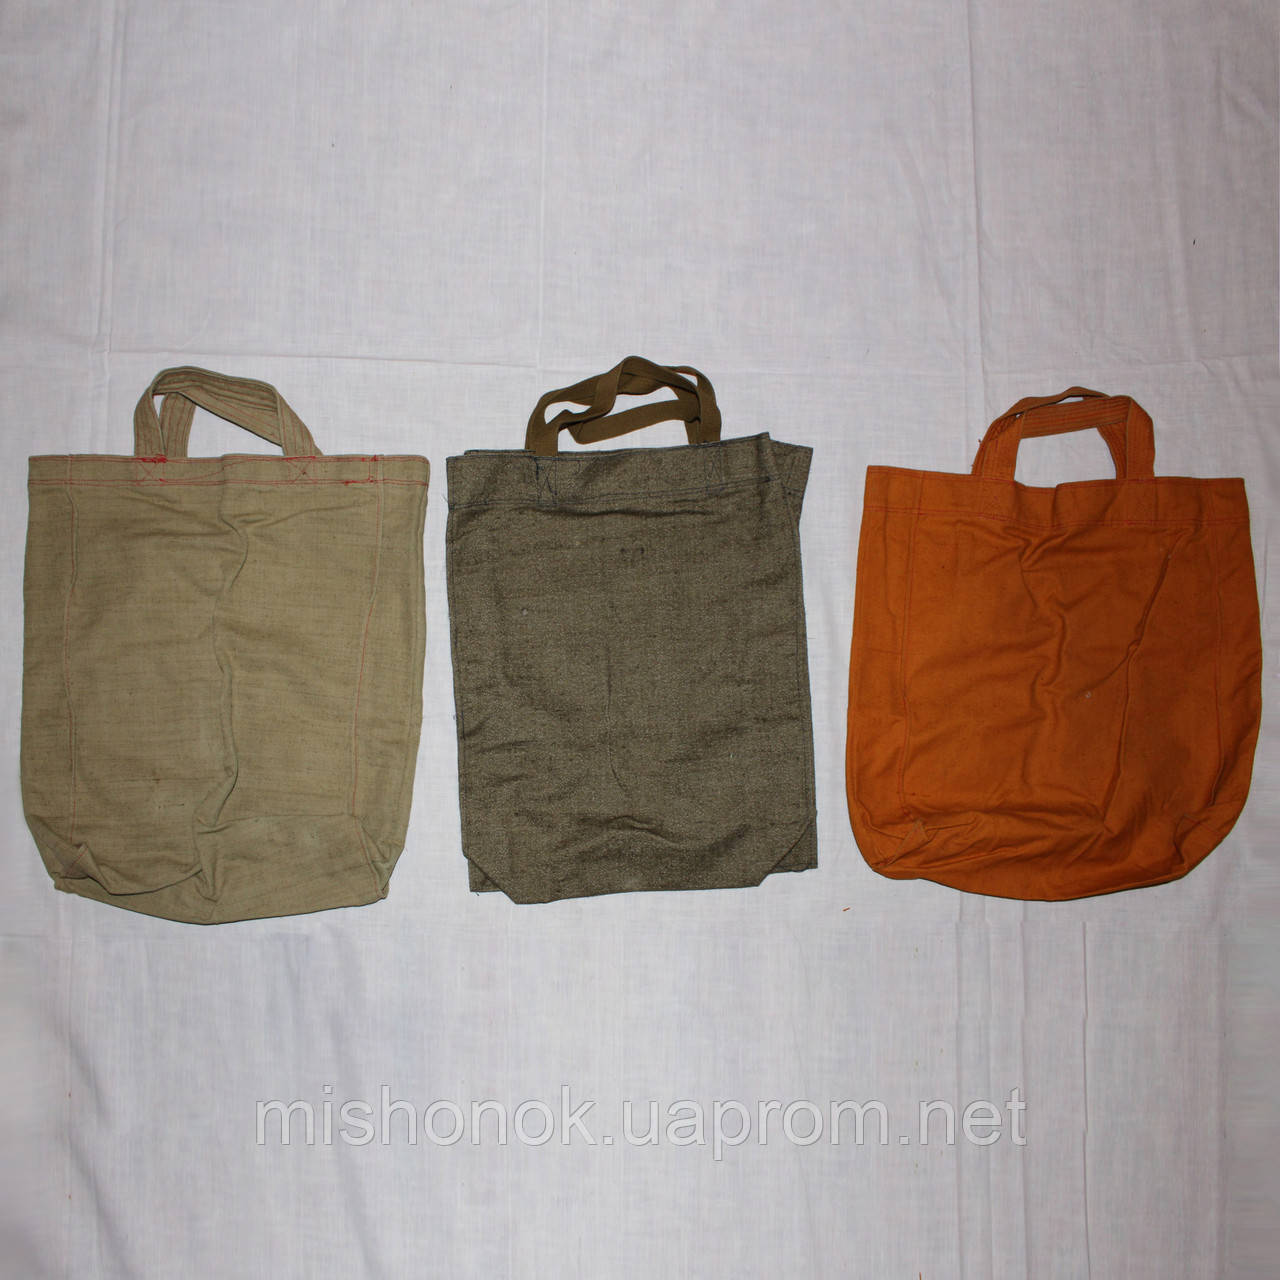 Комплект 3 хозяйственные брезентовые сумки 46х46х11 см и меньше, эко-торба